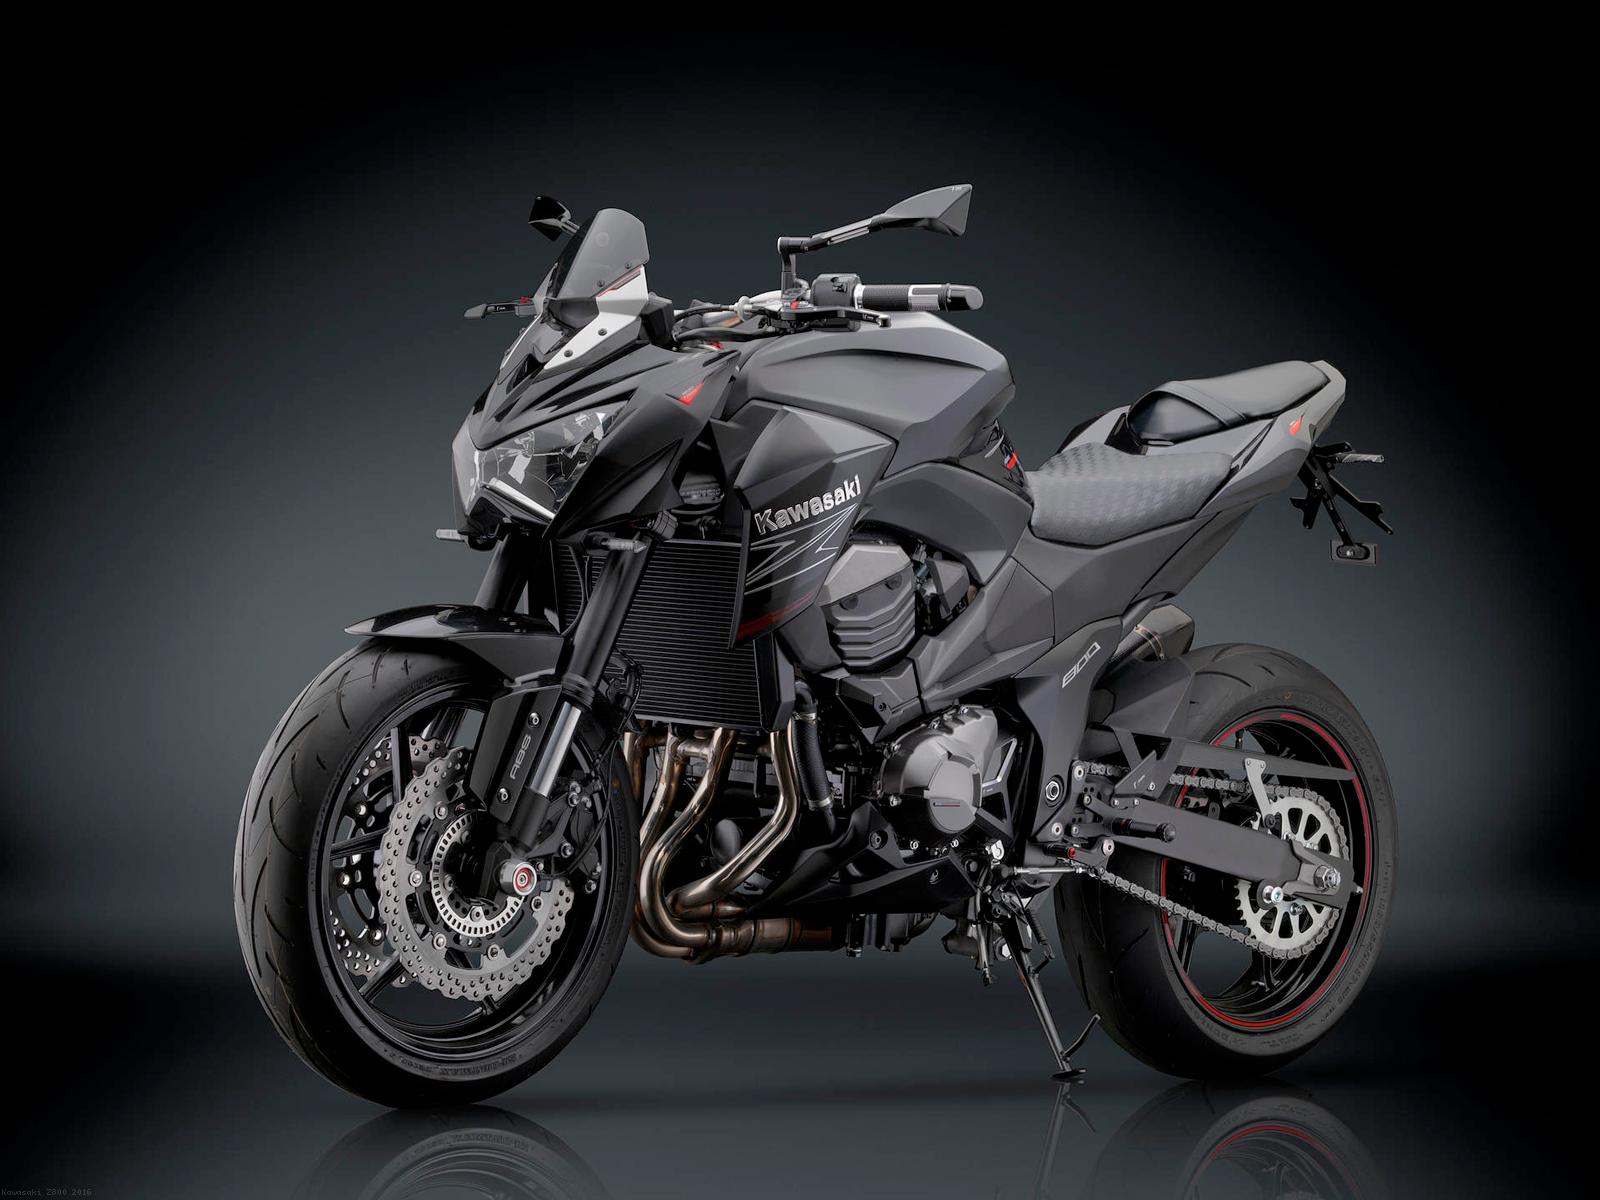 Rizoma Carbon Fiber Chain Guard Kawasaki Z800 2016